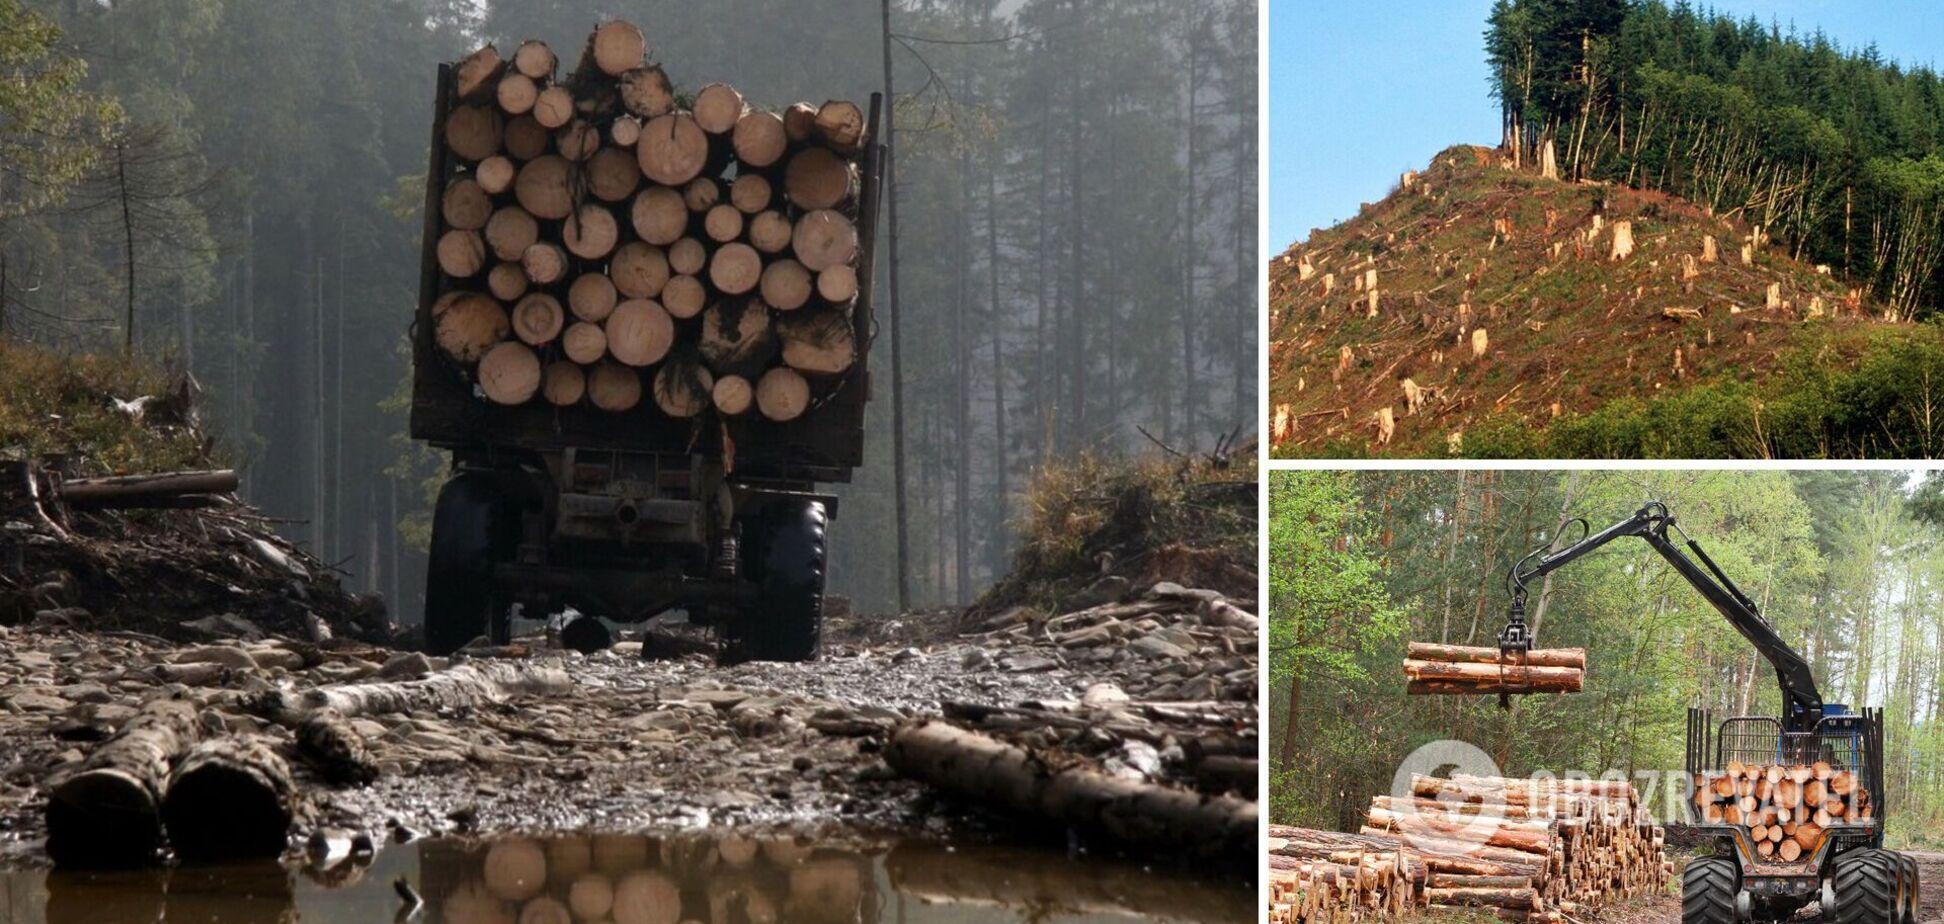 ЕС требует украинский лес: какое на самом деле решение принял арбитраж и что дальше